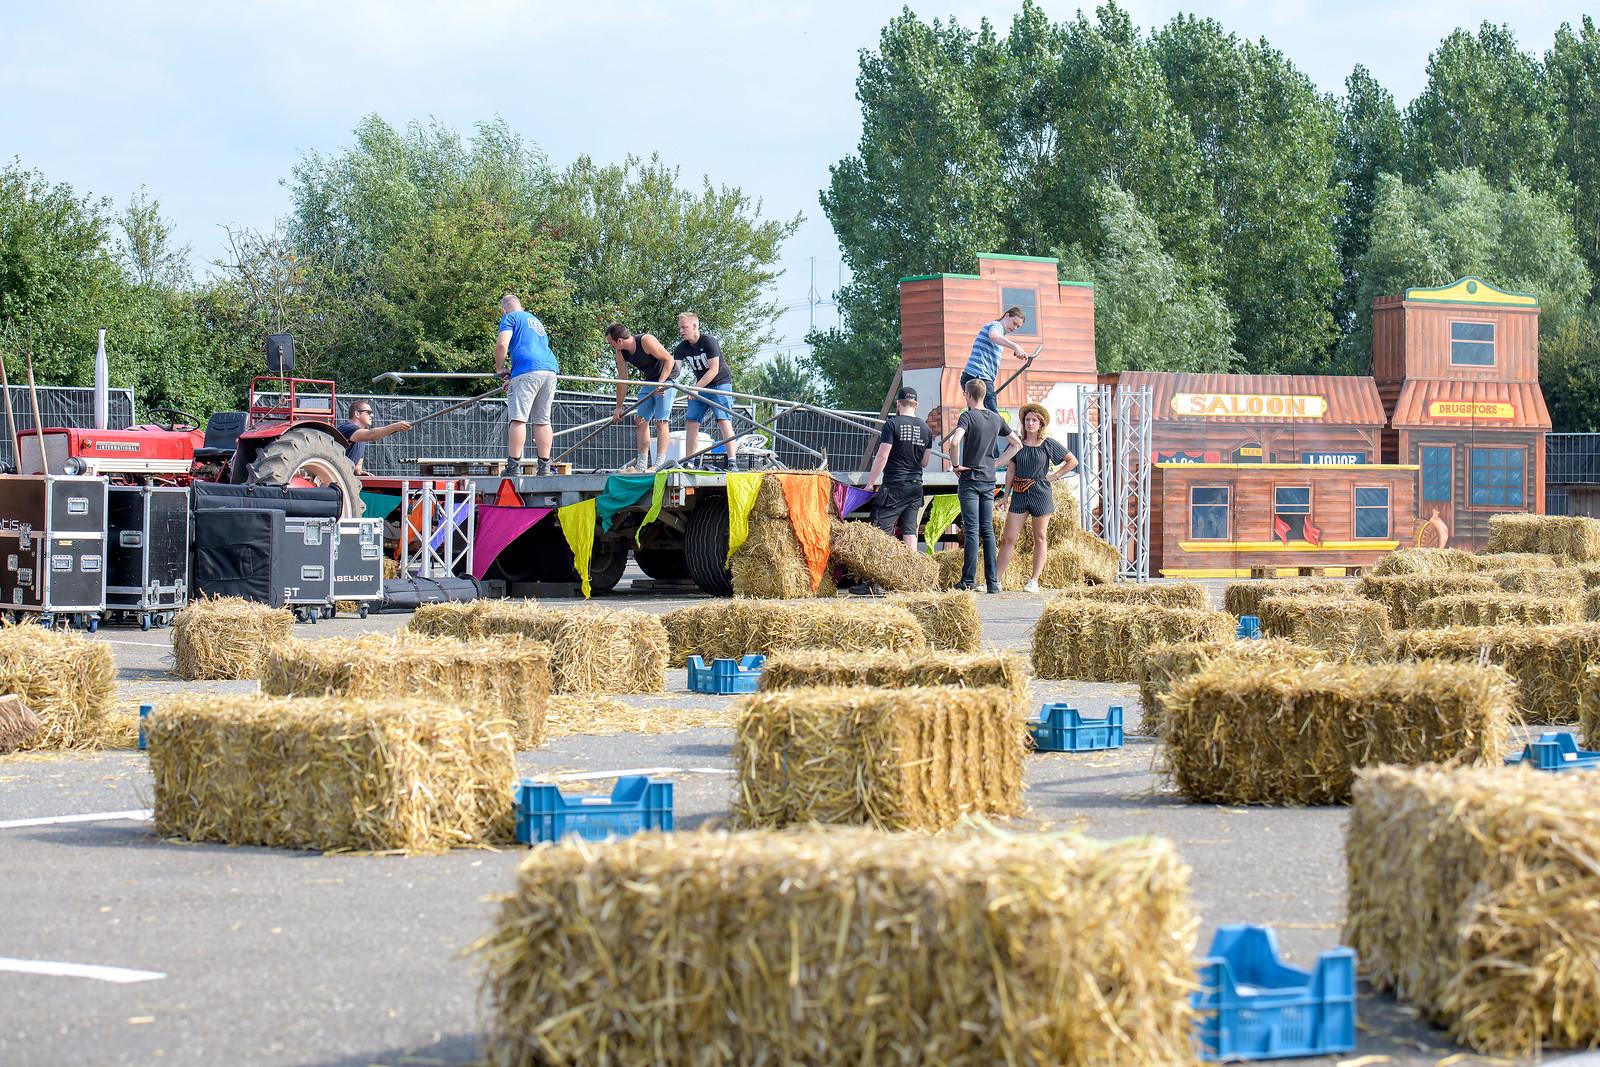 Bonusopdracht-zomerfeest-2021--Zat-21-08-21_9480-kopiëren - Joop Wollendorf